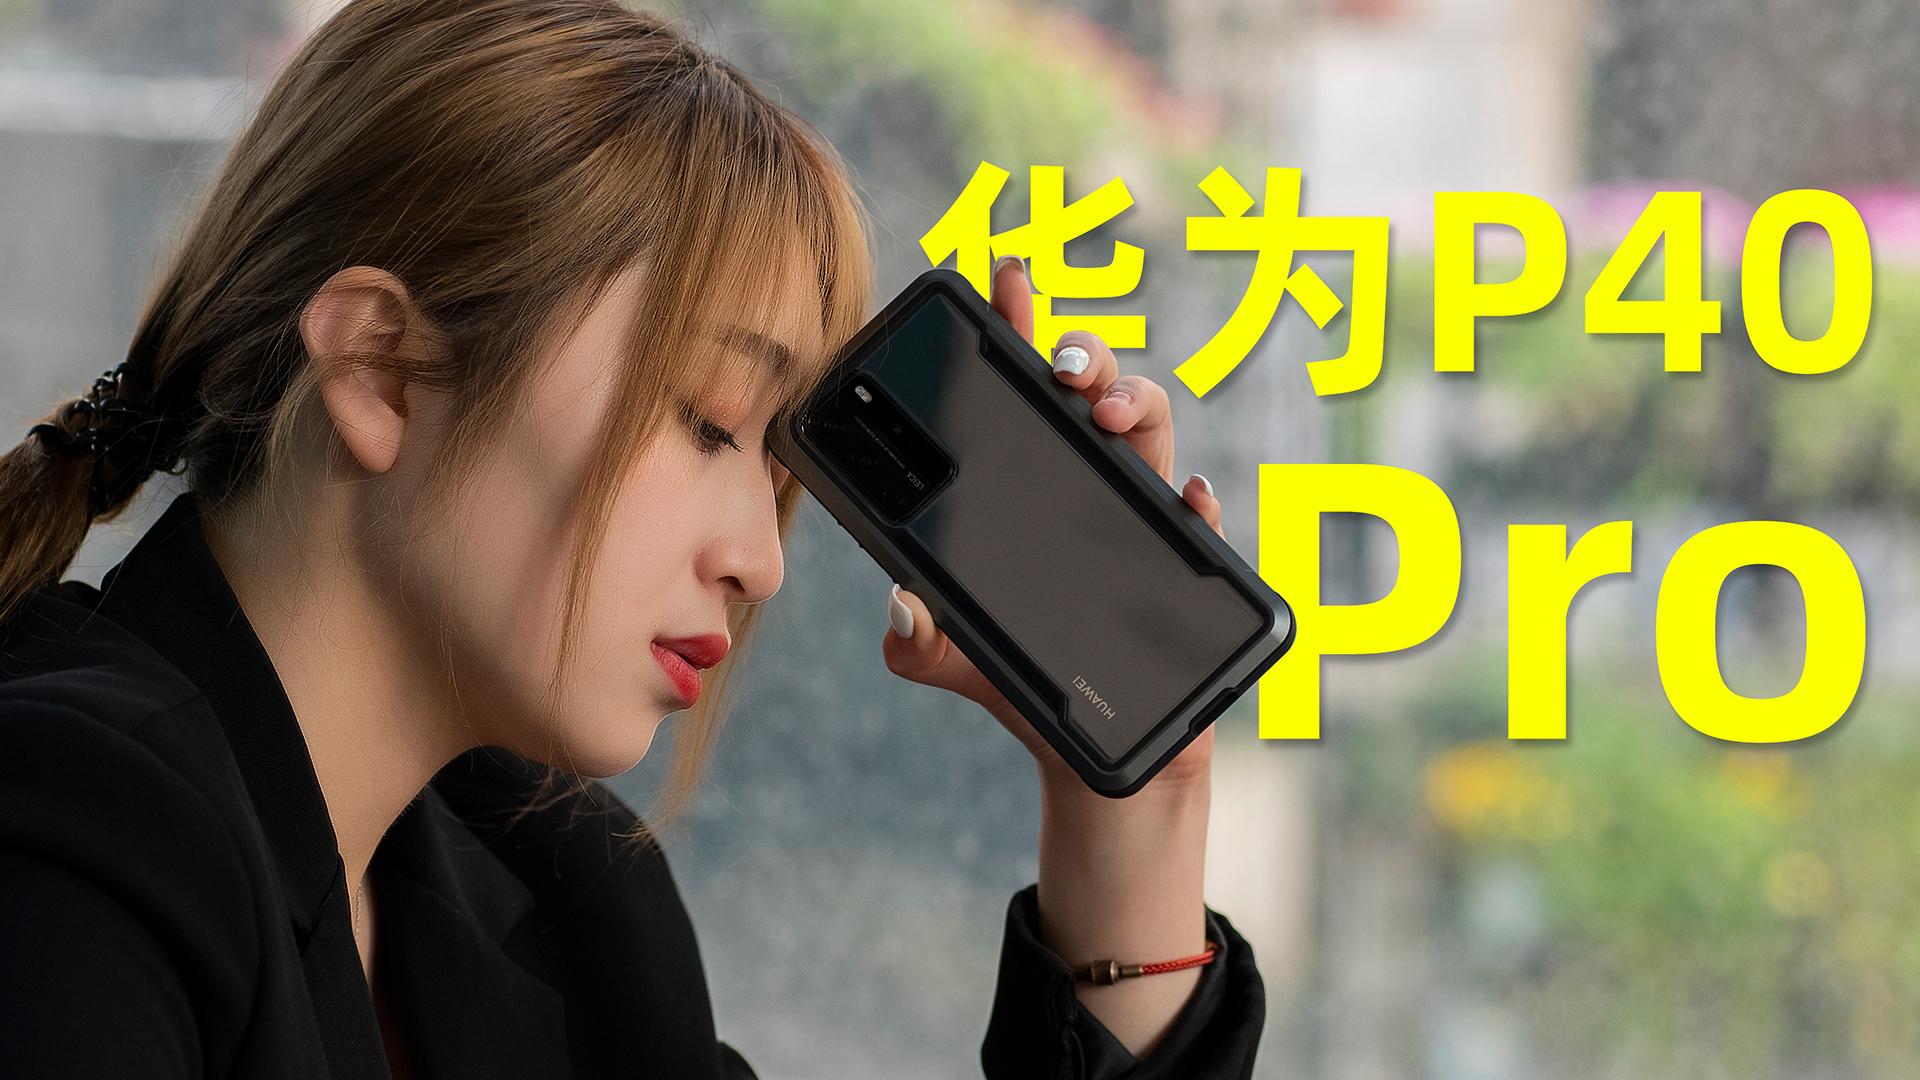 华为P40 Pro评测:拍照很强?屏幕很差?